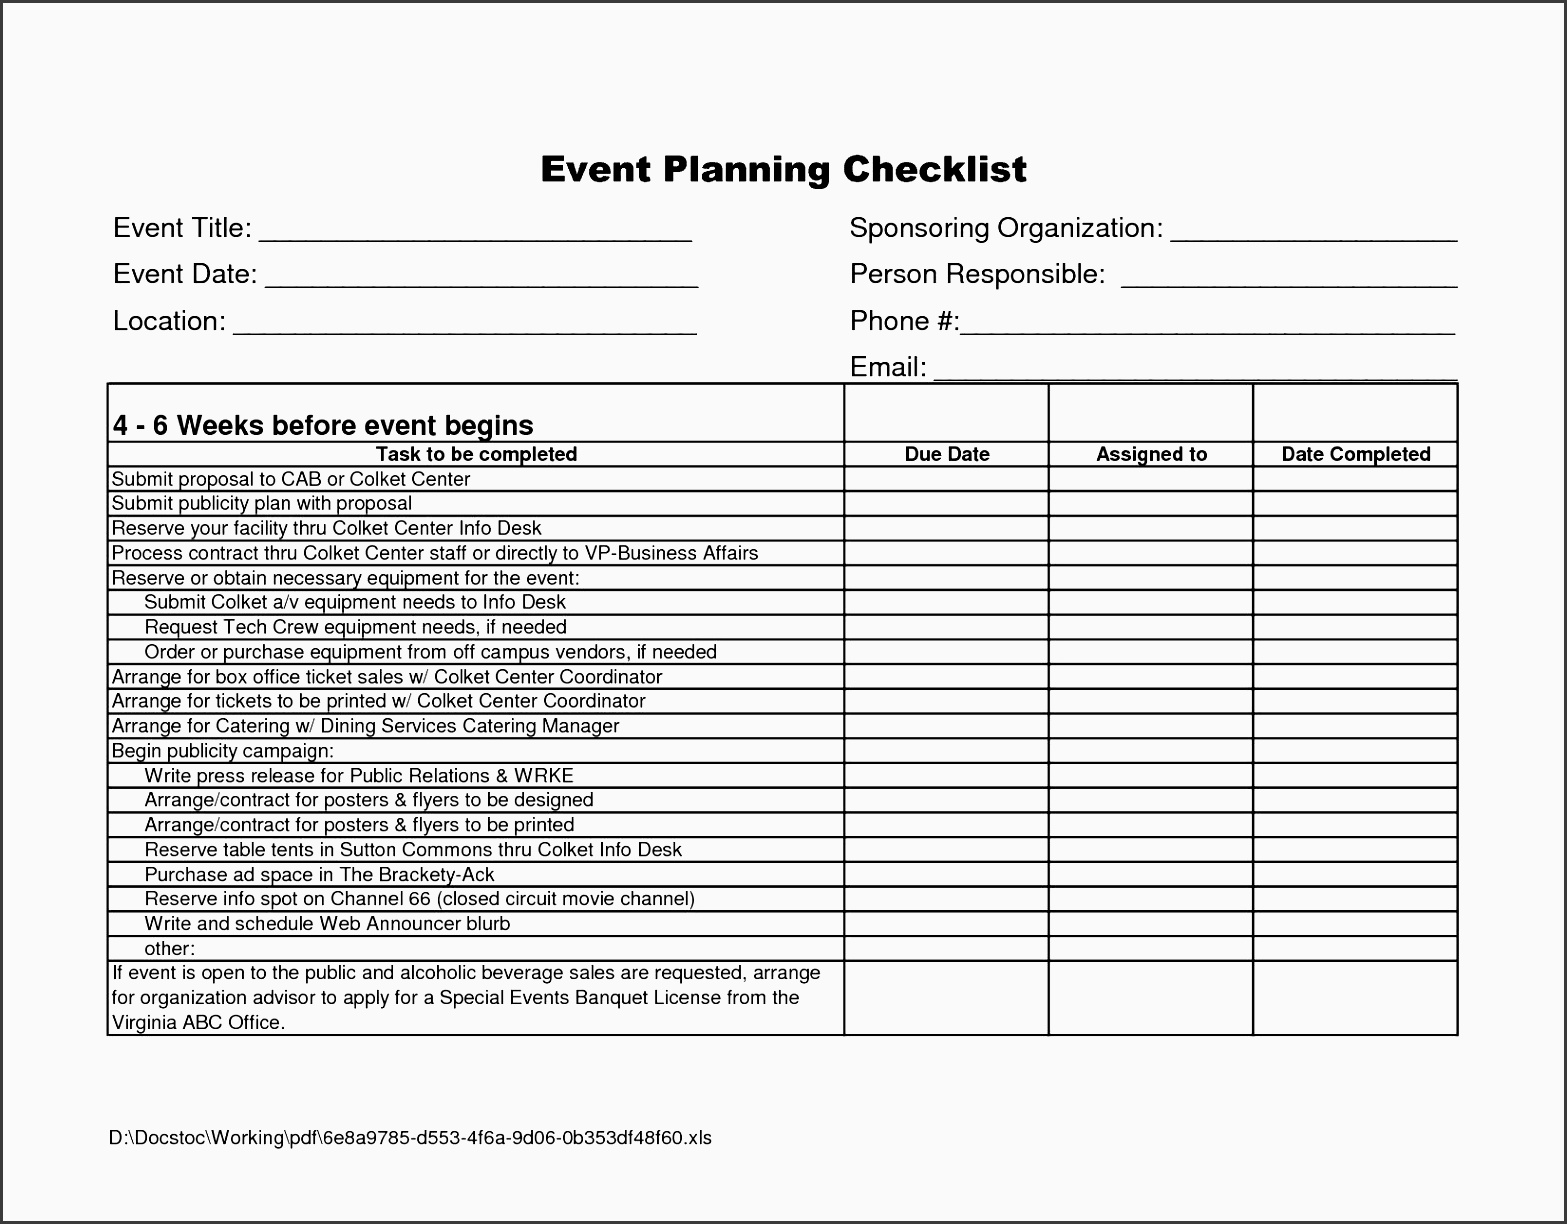 9 Party Planning Checklist Sample - SampleTemplatess - SampleTemplatess